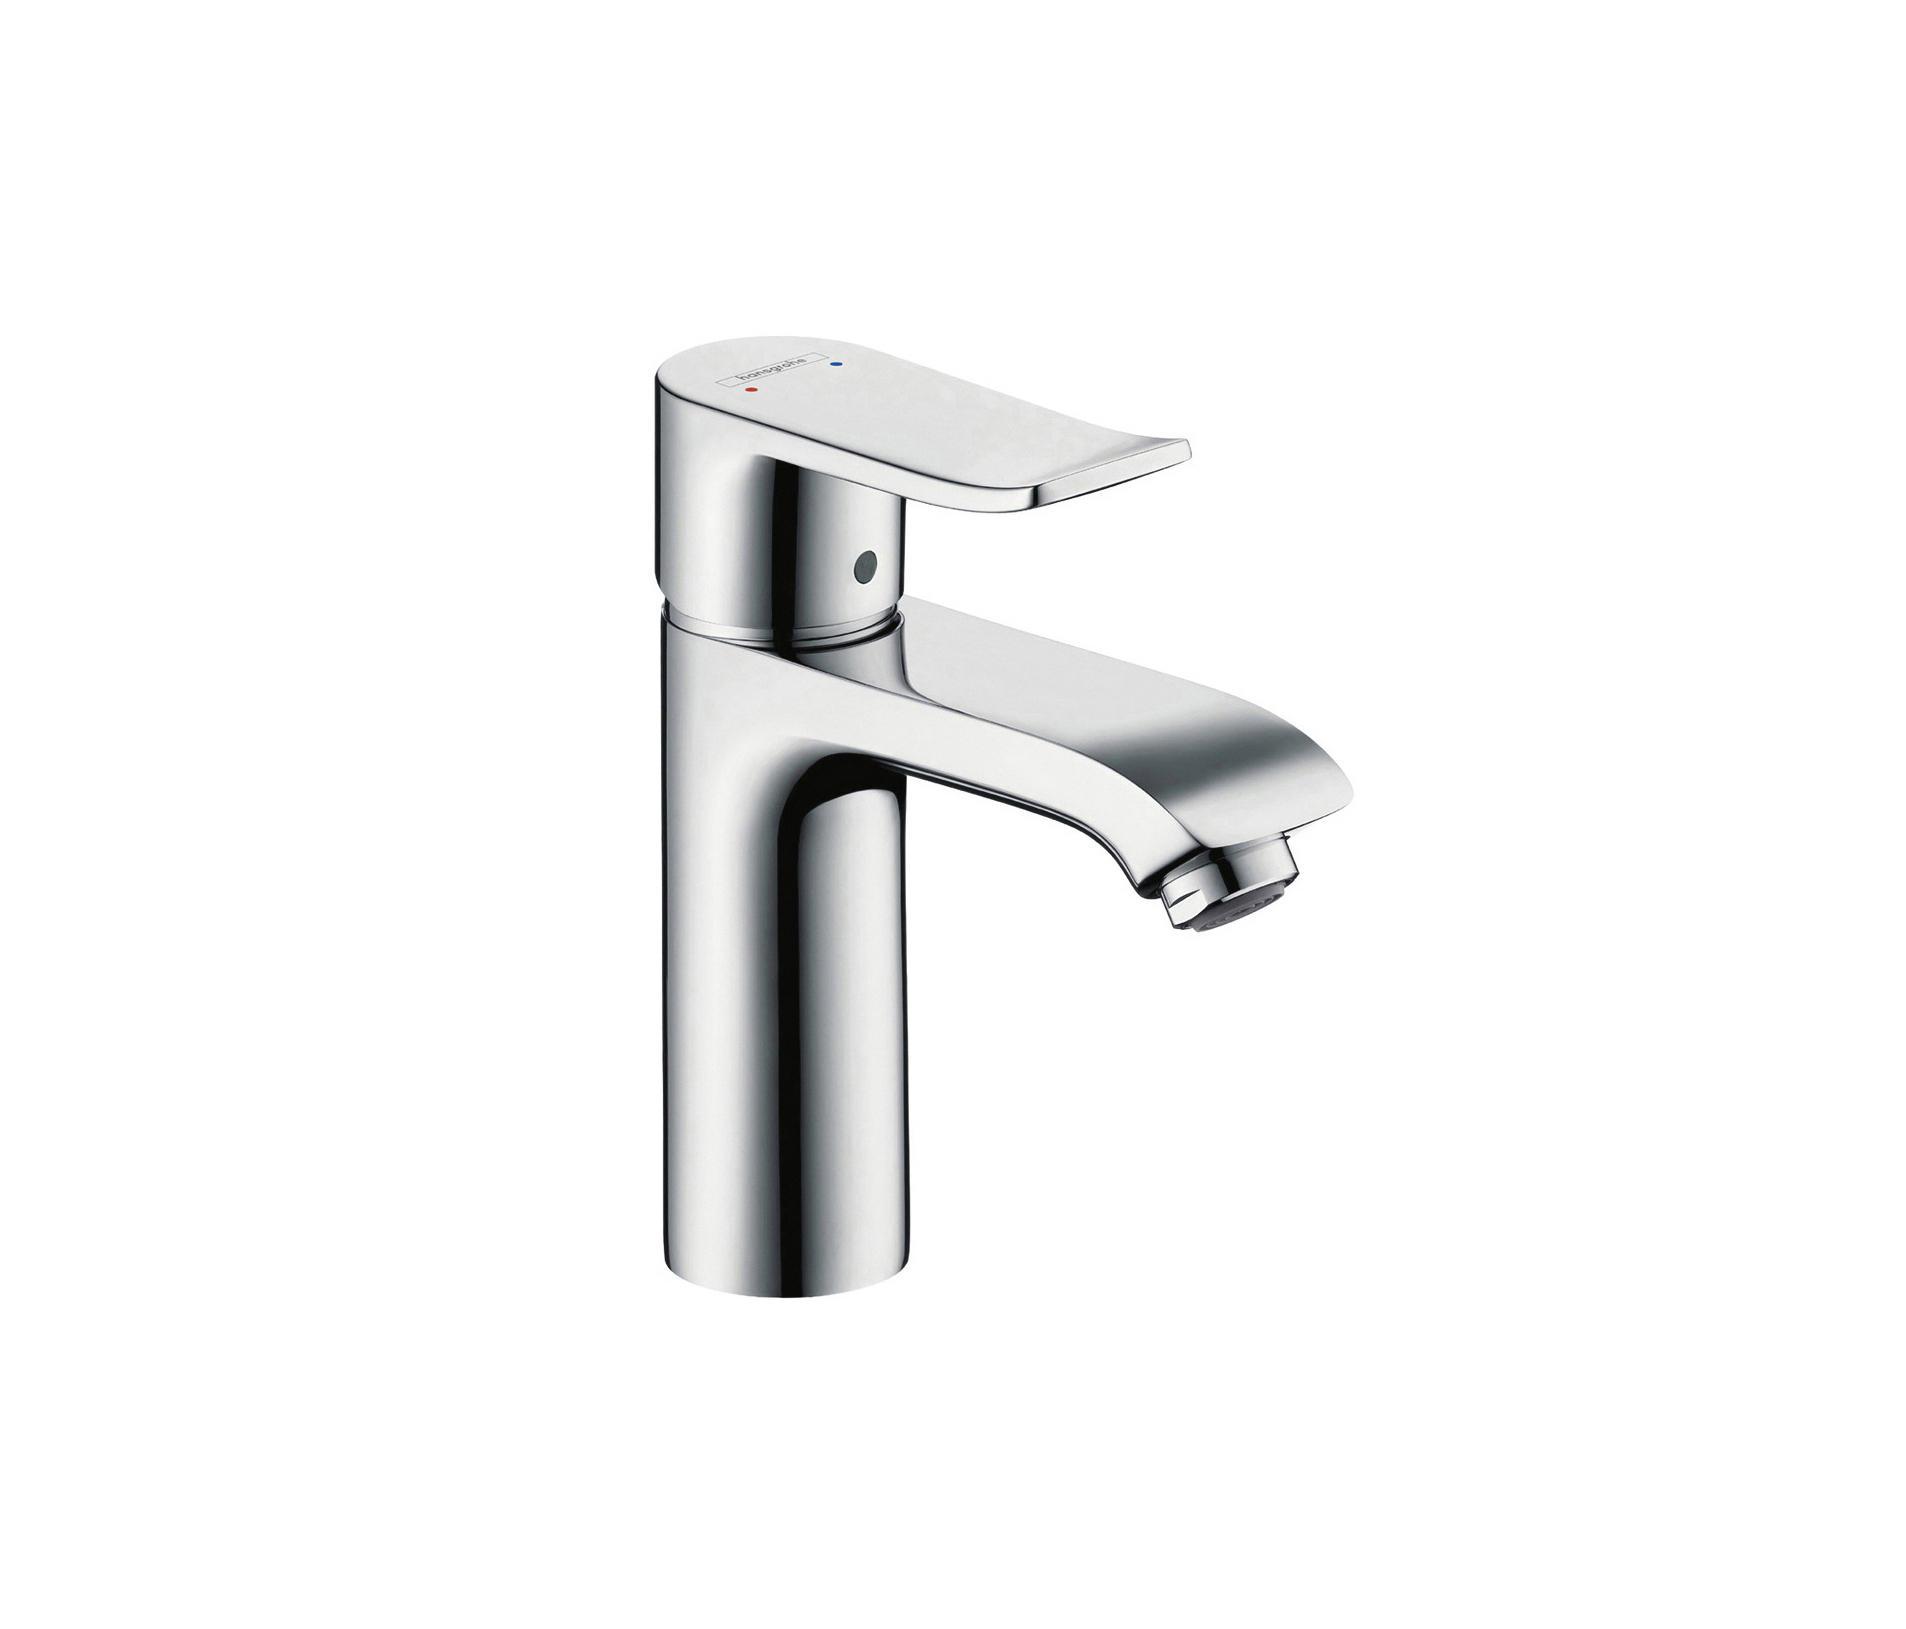 hansgrohe metris 110 mitigeur de lavabo robinetterie pour lavabo de hansgrohe architonic. Black Bedroom Furniture Sets. Home Design Ideas